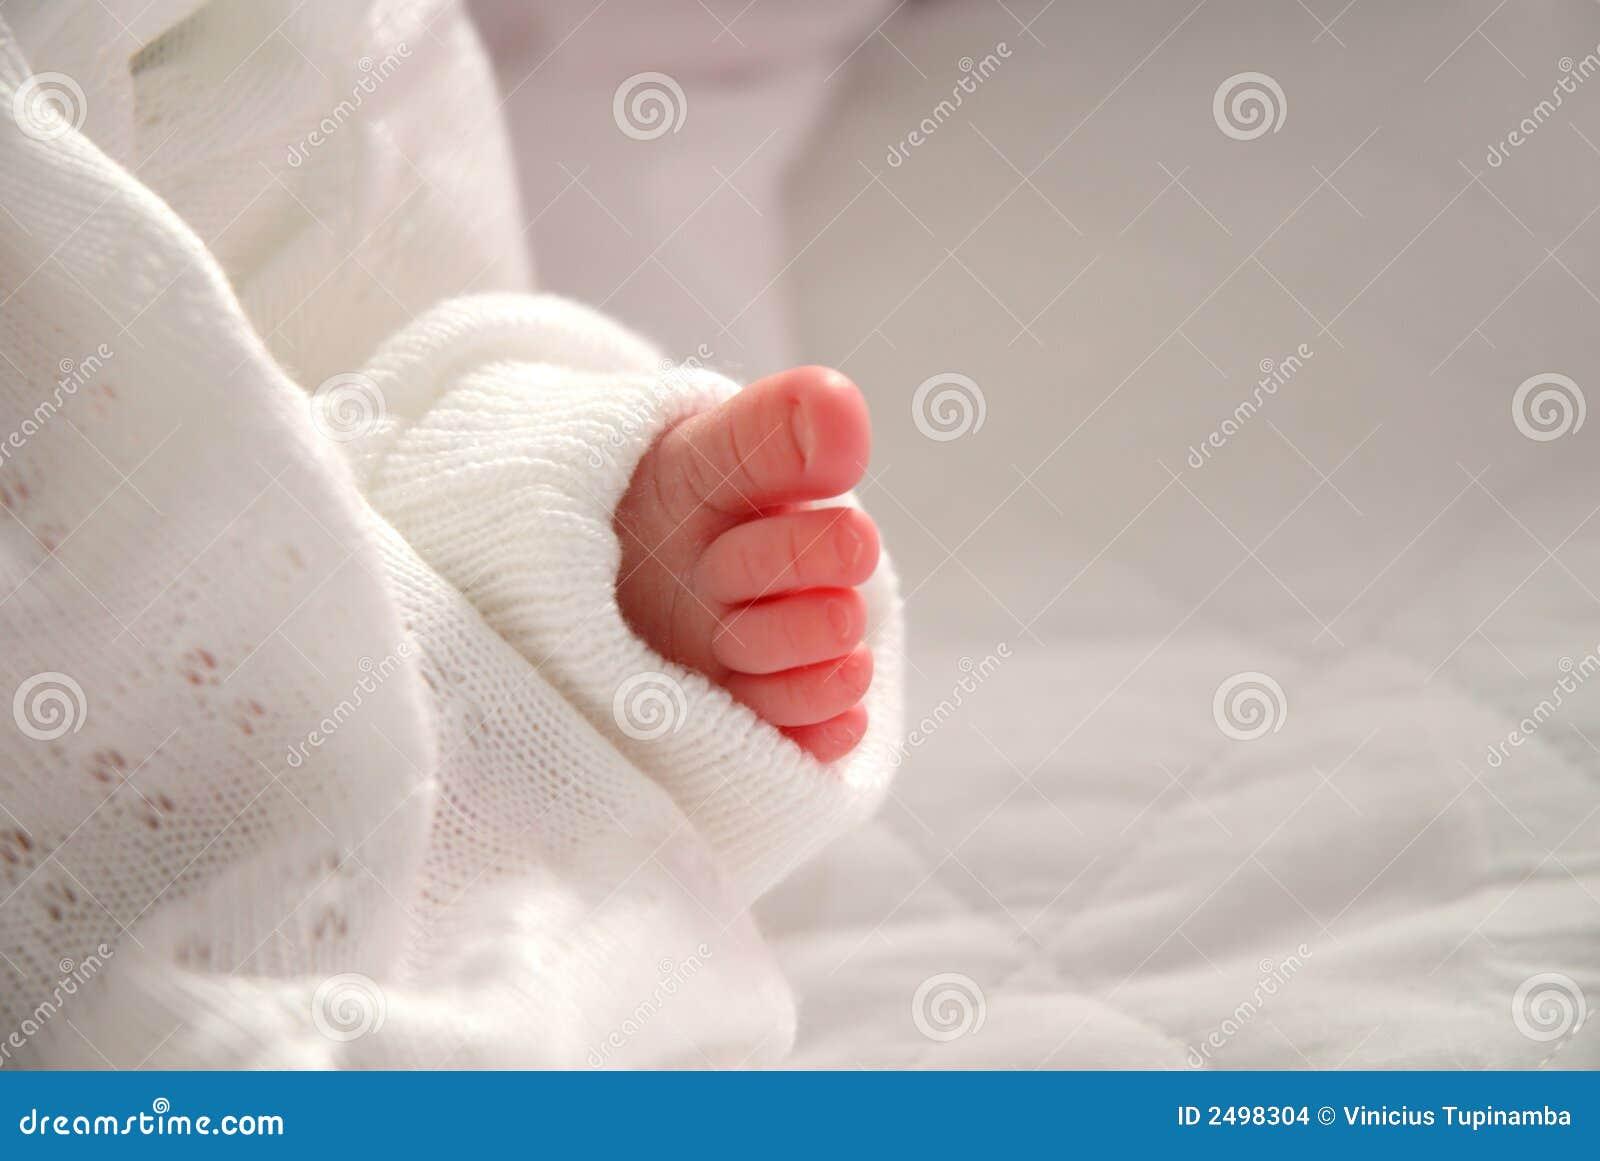 De voet van de baby stock afbeeldingen afbeelding 2498304 - Baby voet verkoop ...